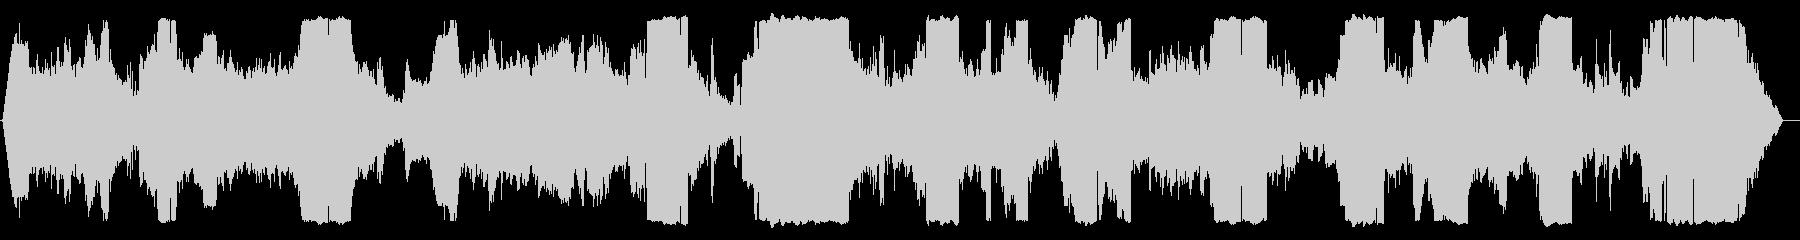 ビンテージフォーミュラ1;インター...の未再生の波形